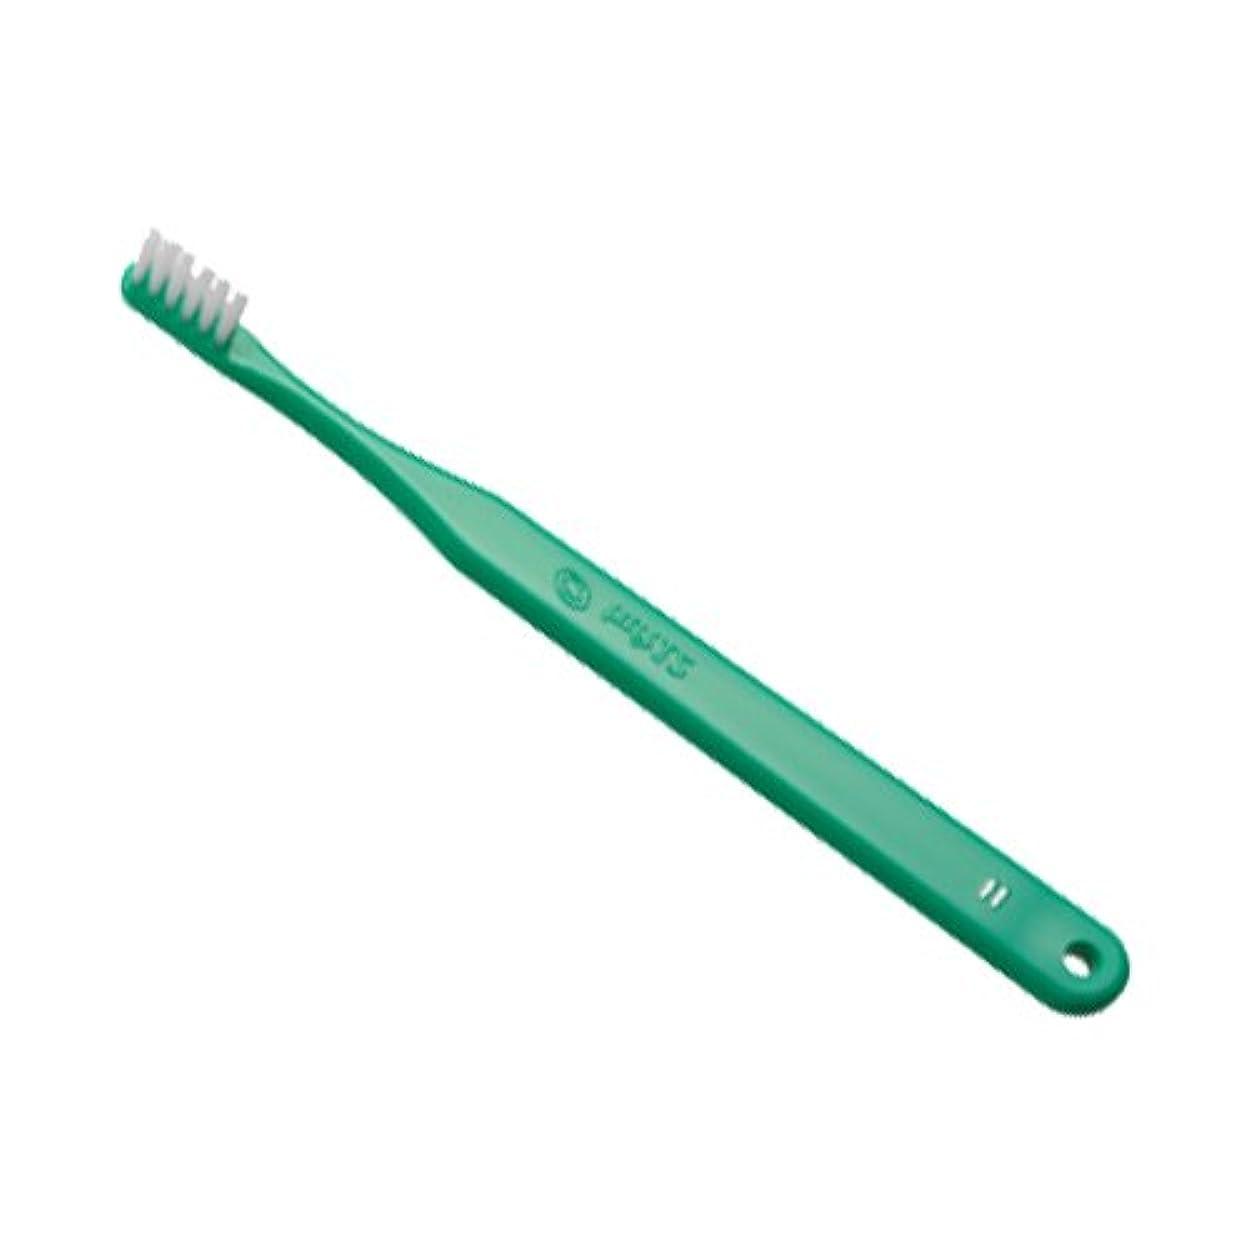 メンタル尊敬ショートカットオーラルケア タフト12歯ブラシ 1本(ソフト(S)グリーン)